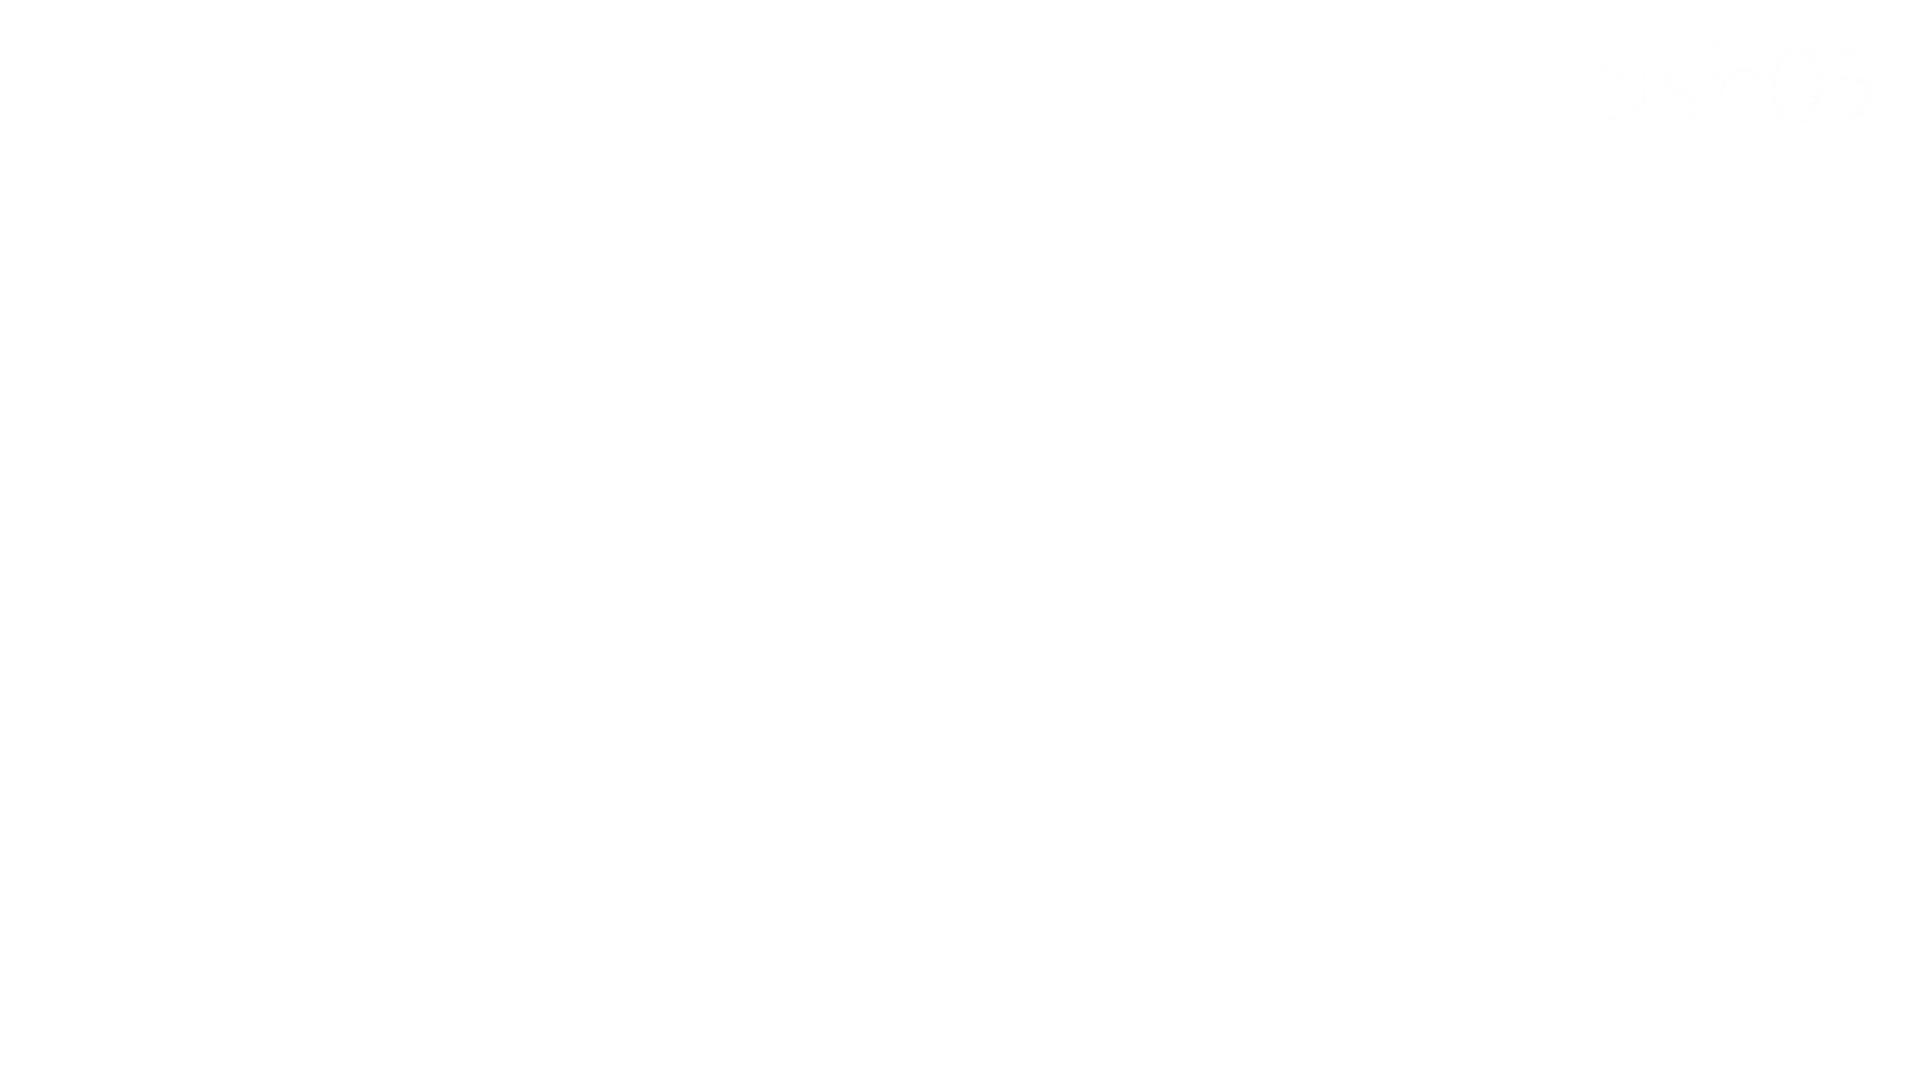 ▲復活限定▲ハイビジョン 盗神伝 Vol.5 洗面所のぞき オメコ無修正動画無料 111枚 25